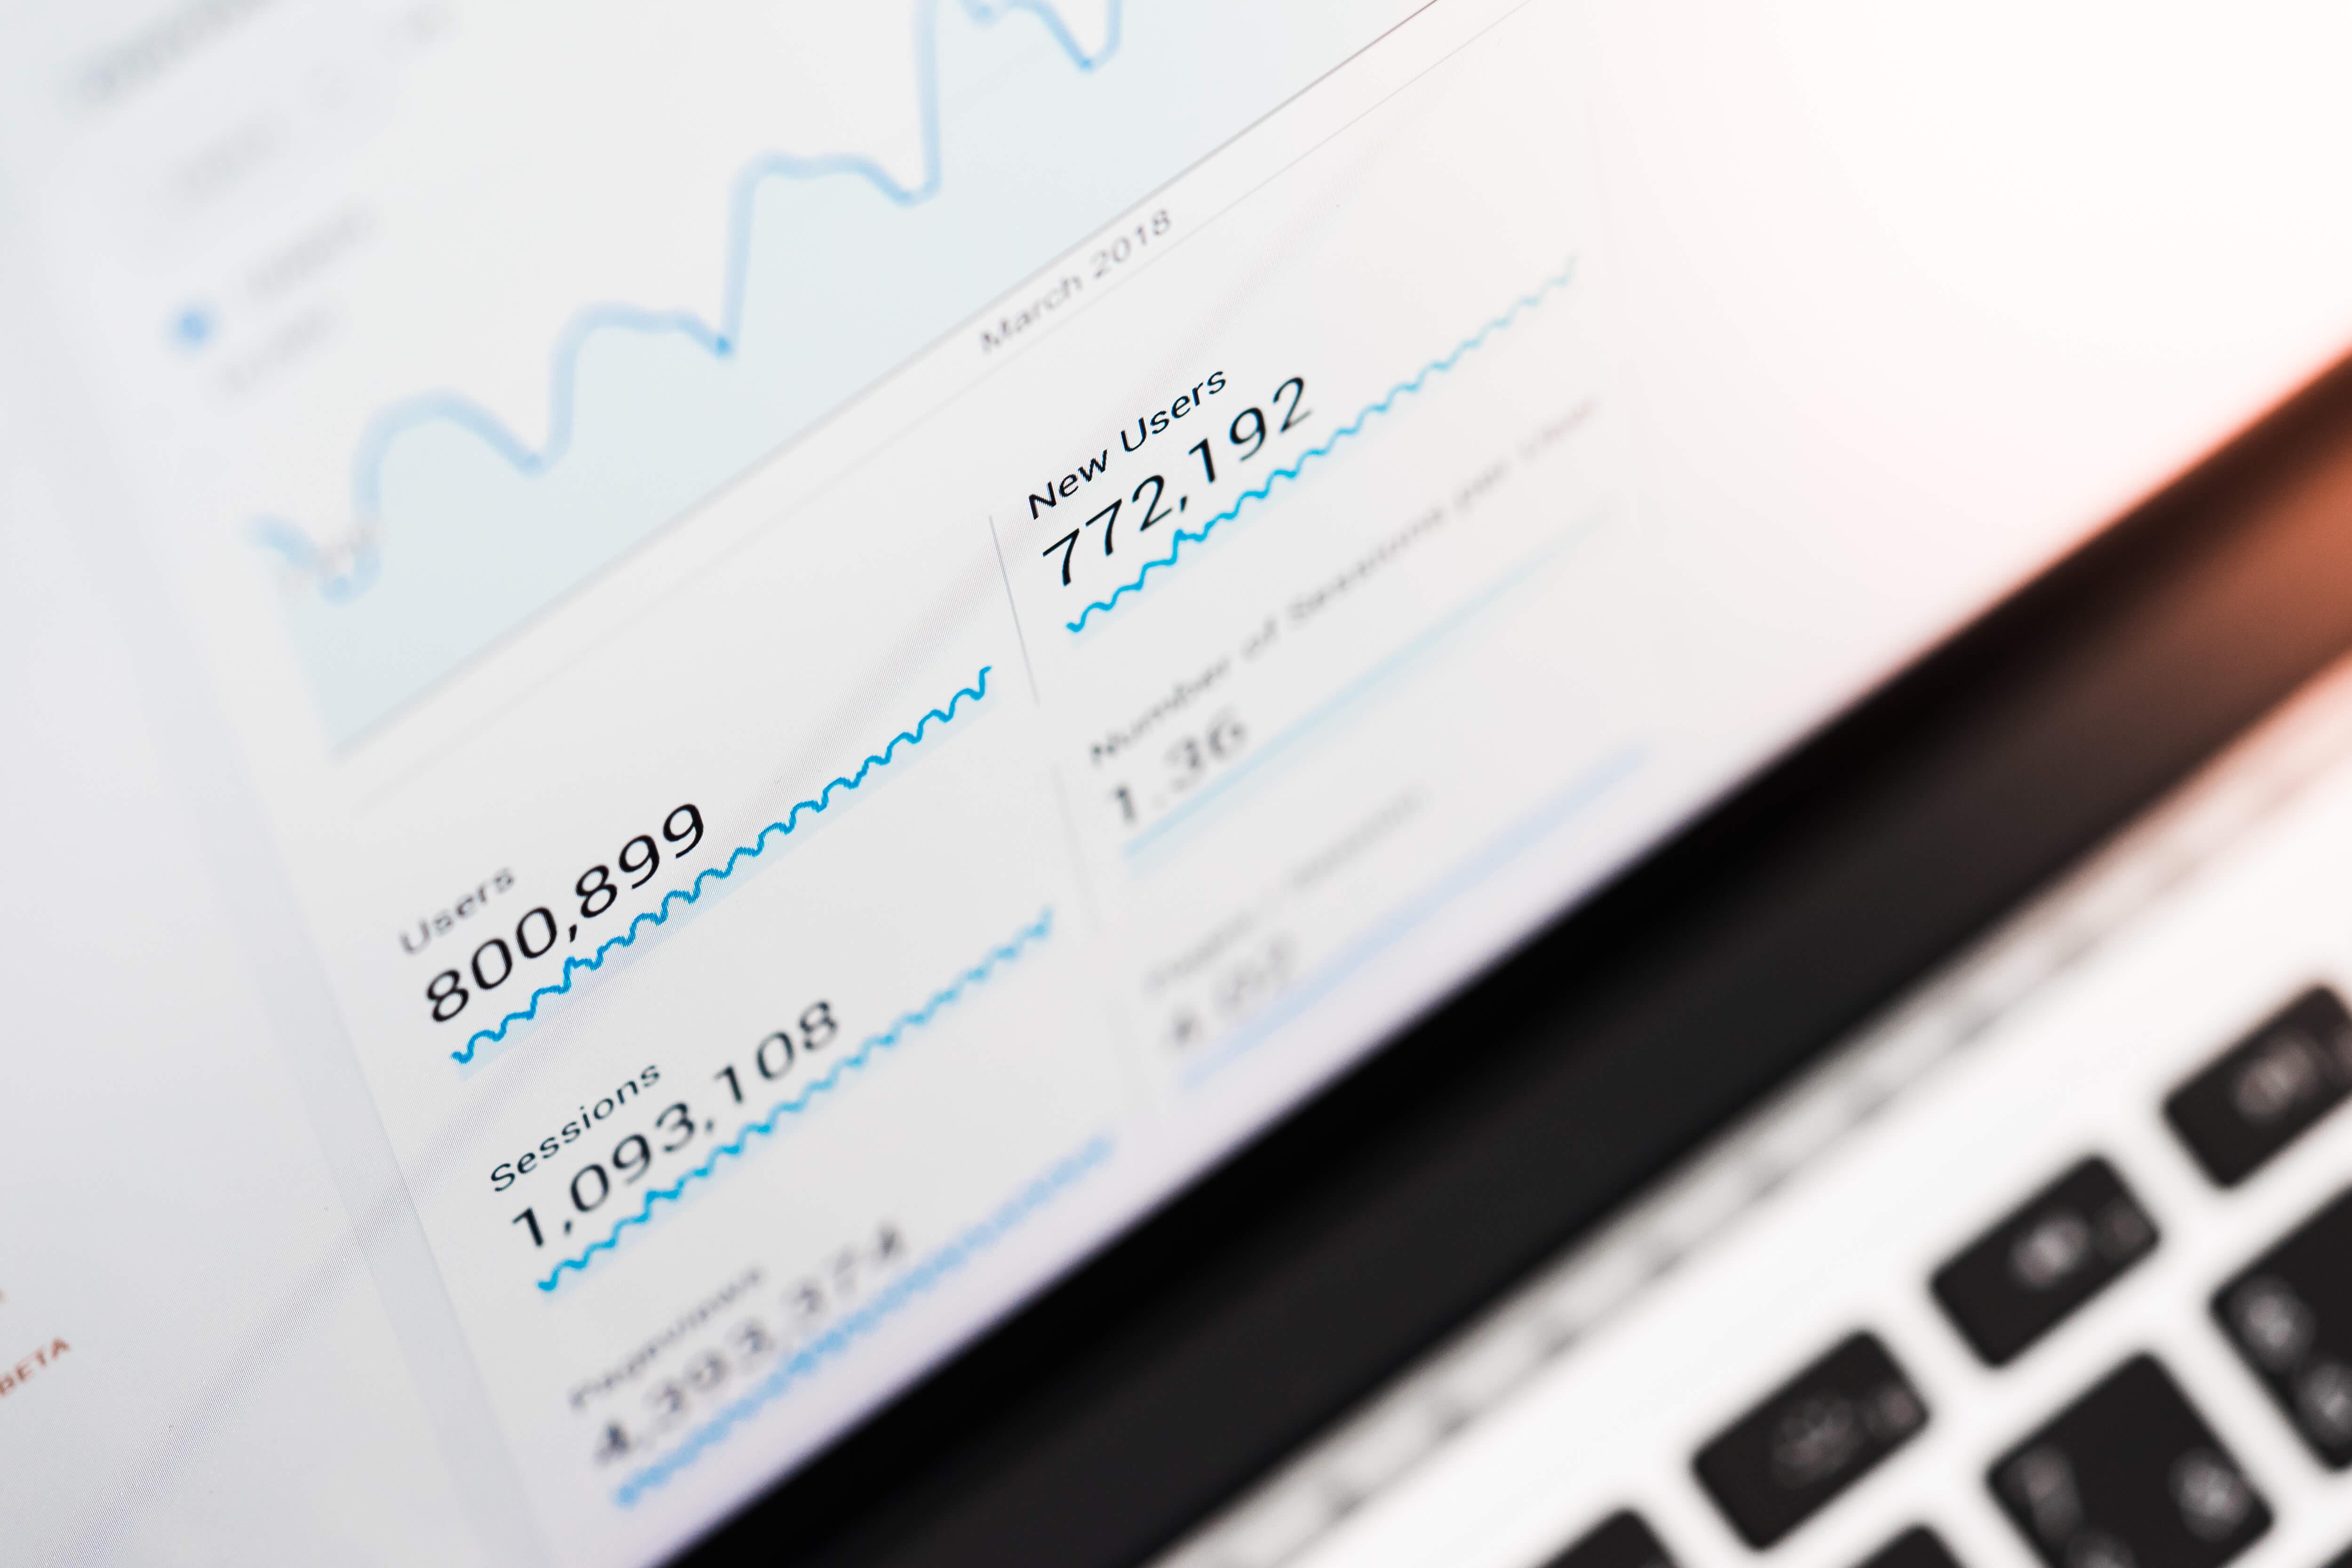 analytics displayed on laptop